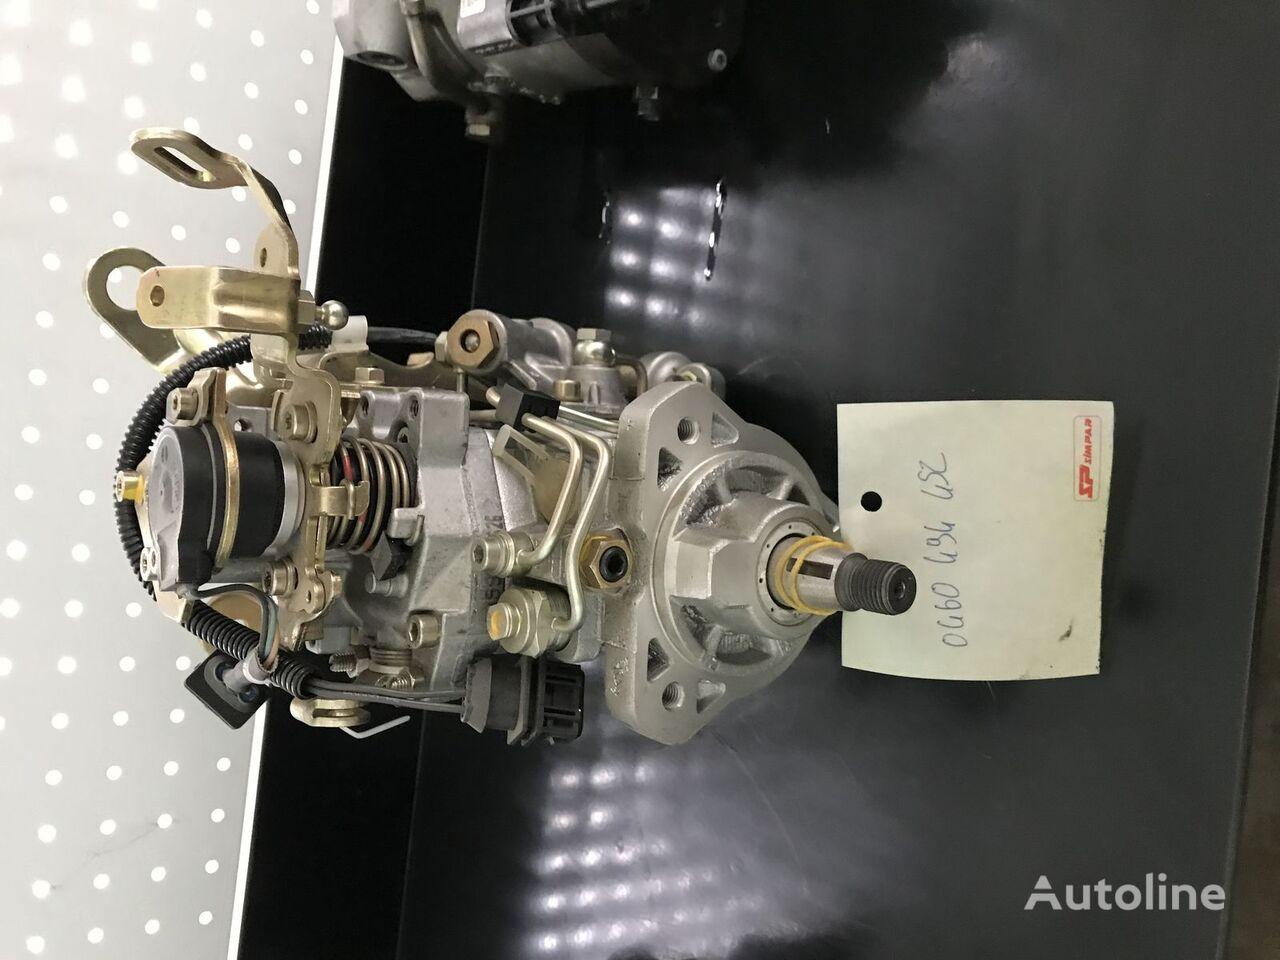 pompe à carburant BOSCH pour utilitaire RENAULT neuve